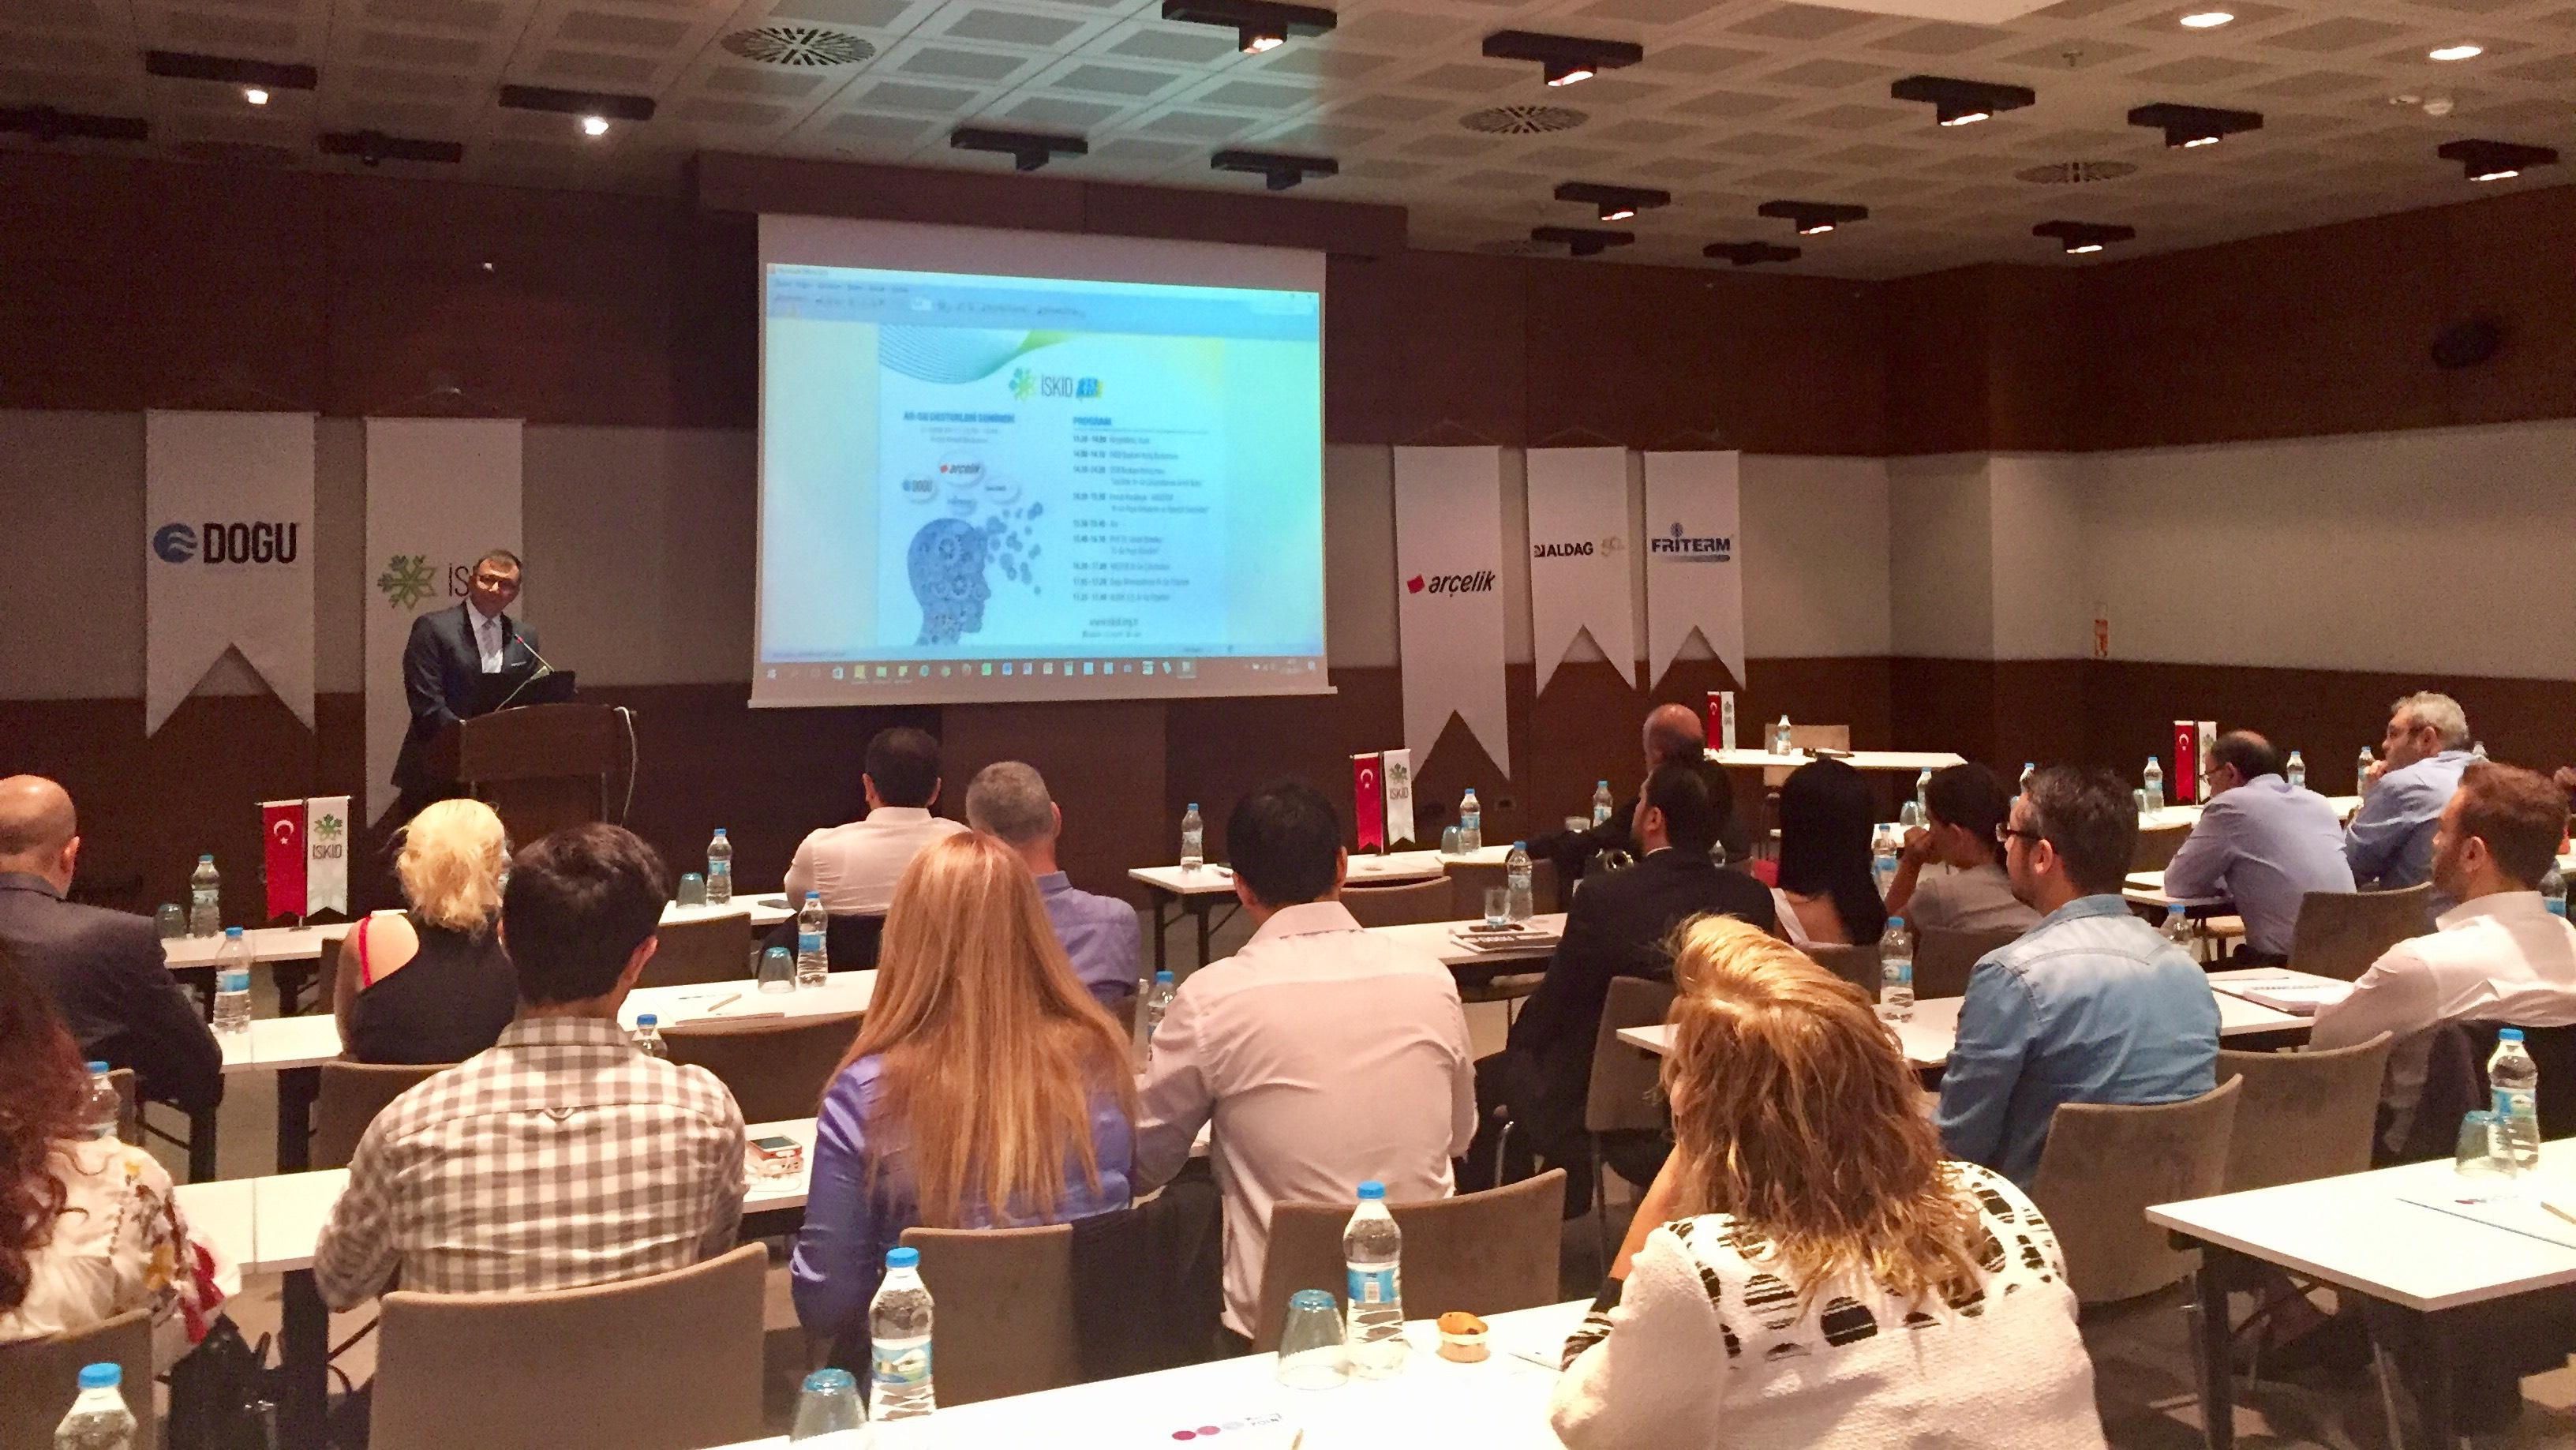 İSKİD Ar-Ge Destekleri Semineri, Türkiye İklimlendirme Sektöründe Bir Vizyon Turu Oldu